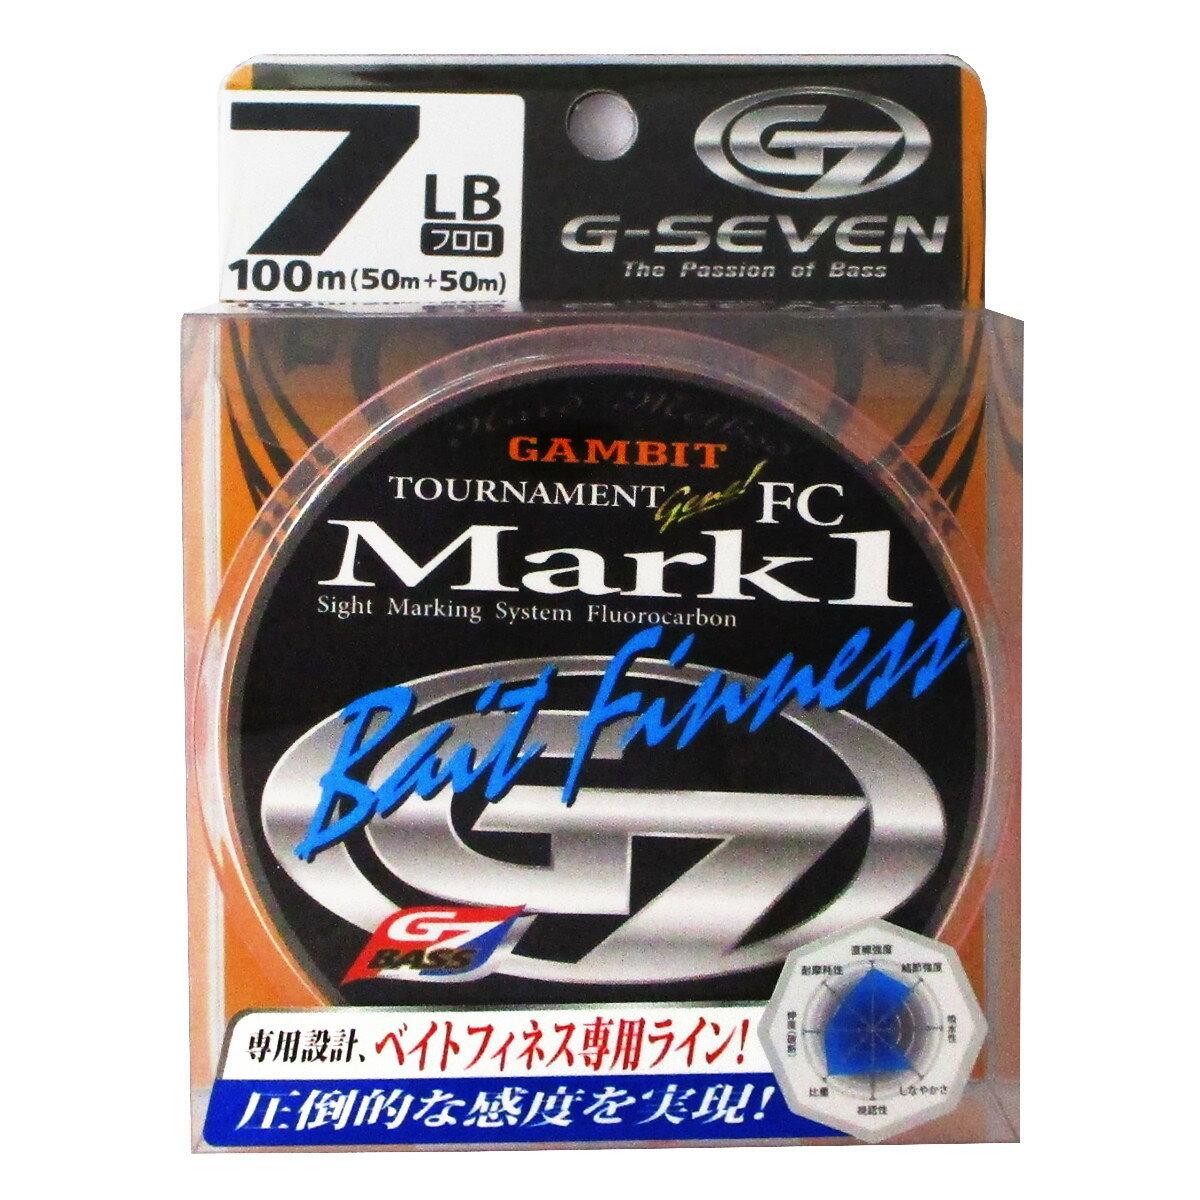 ラインシステム G7 トーナメントジーン MARK1 ベイトフィネス G3107B 100m 7lb(東日本店)